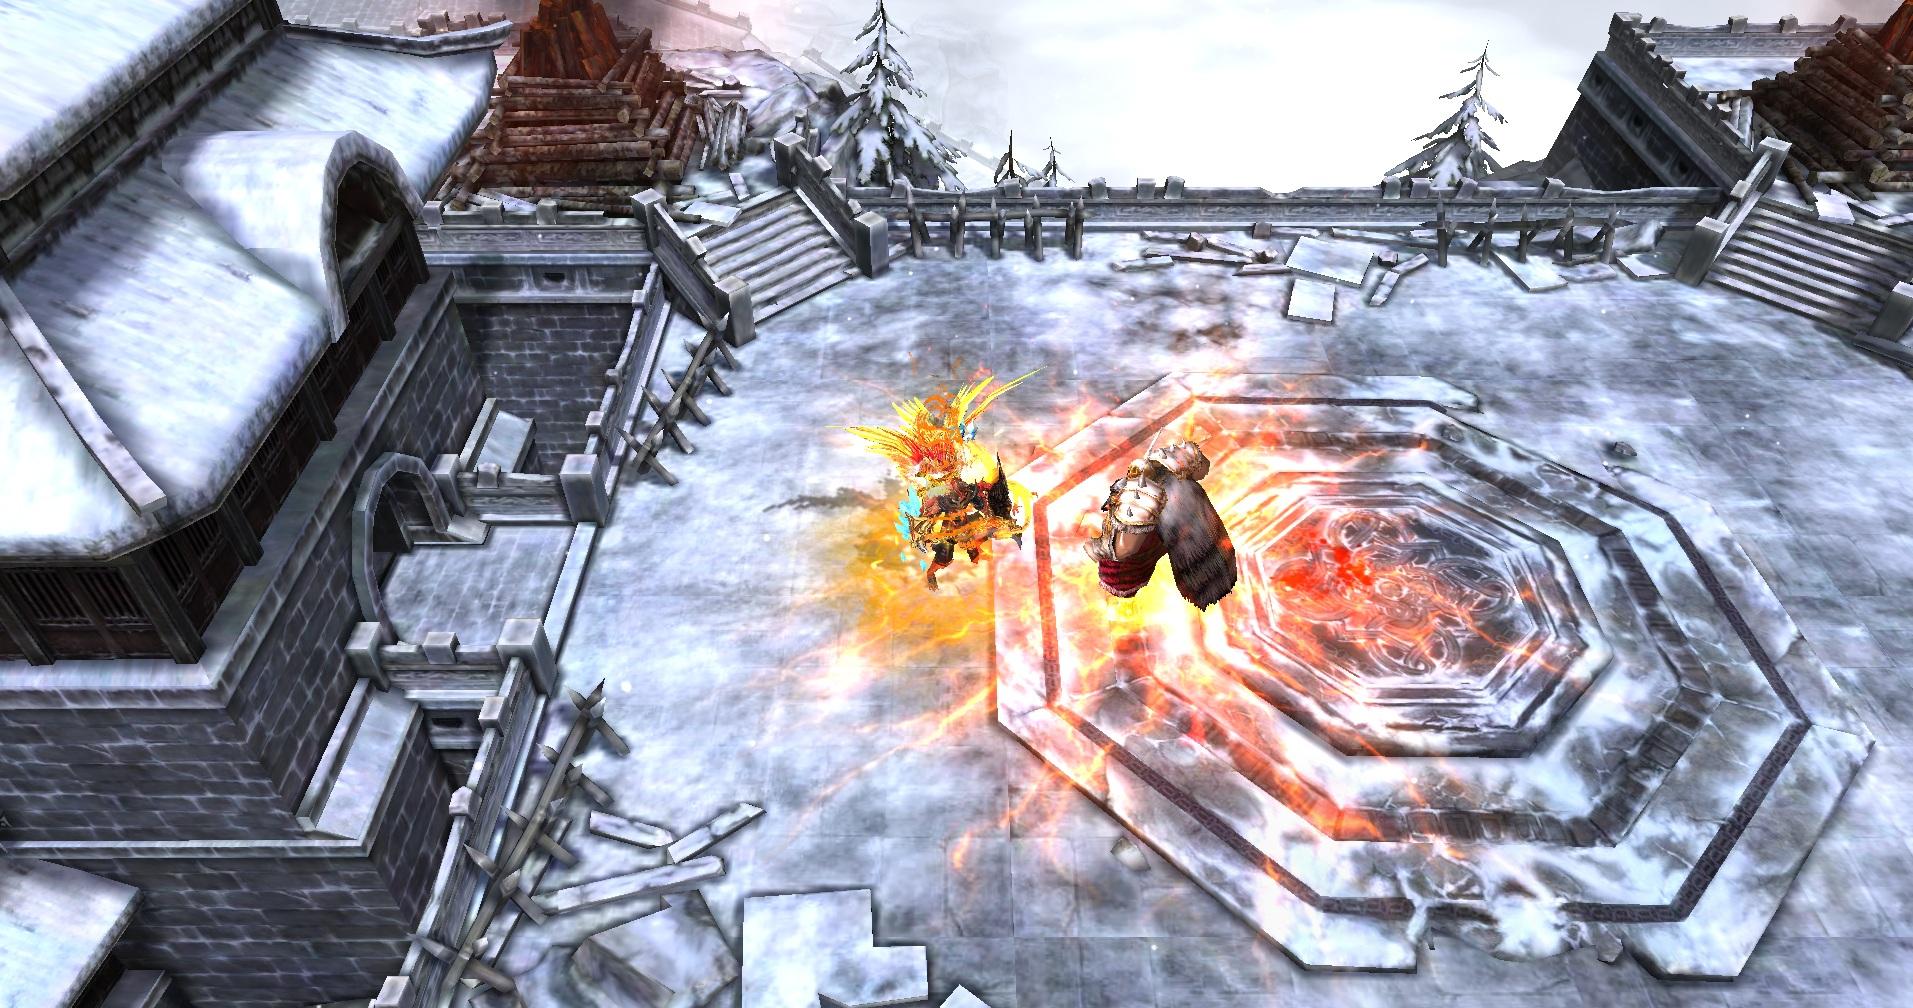 Chiến Thần Xích Bích mạnh về nội dung đẹp về hình thức 3